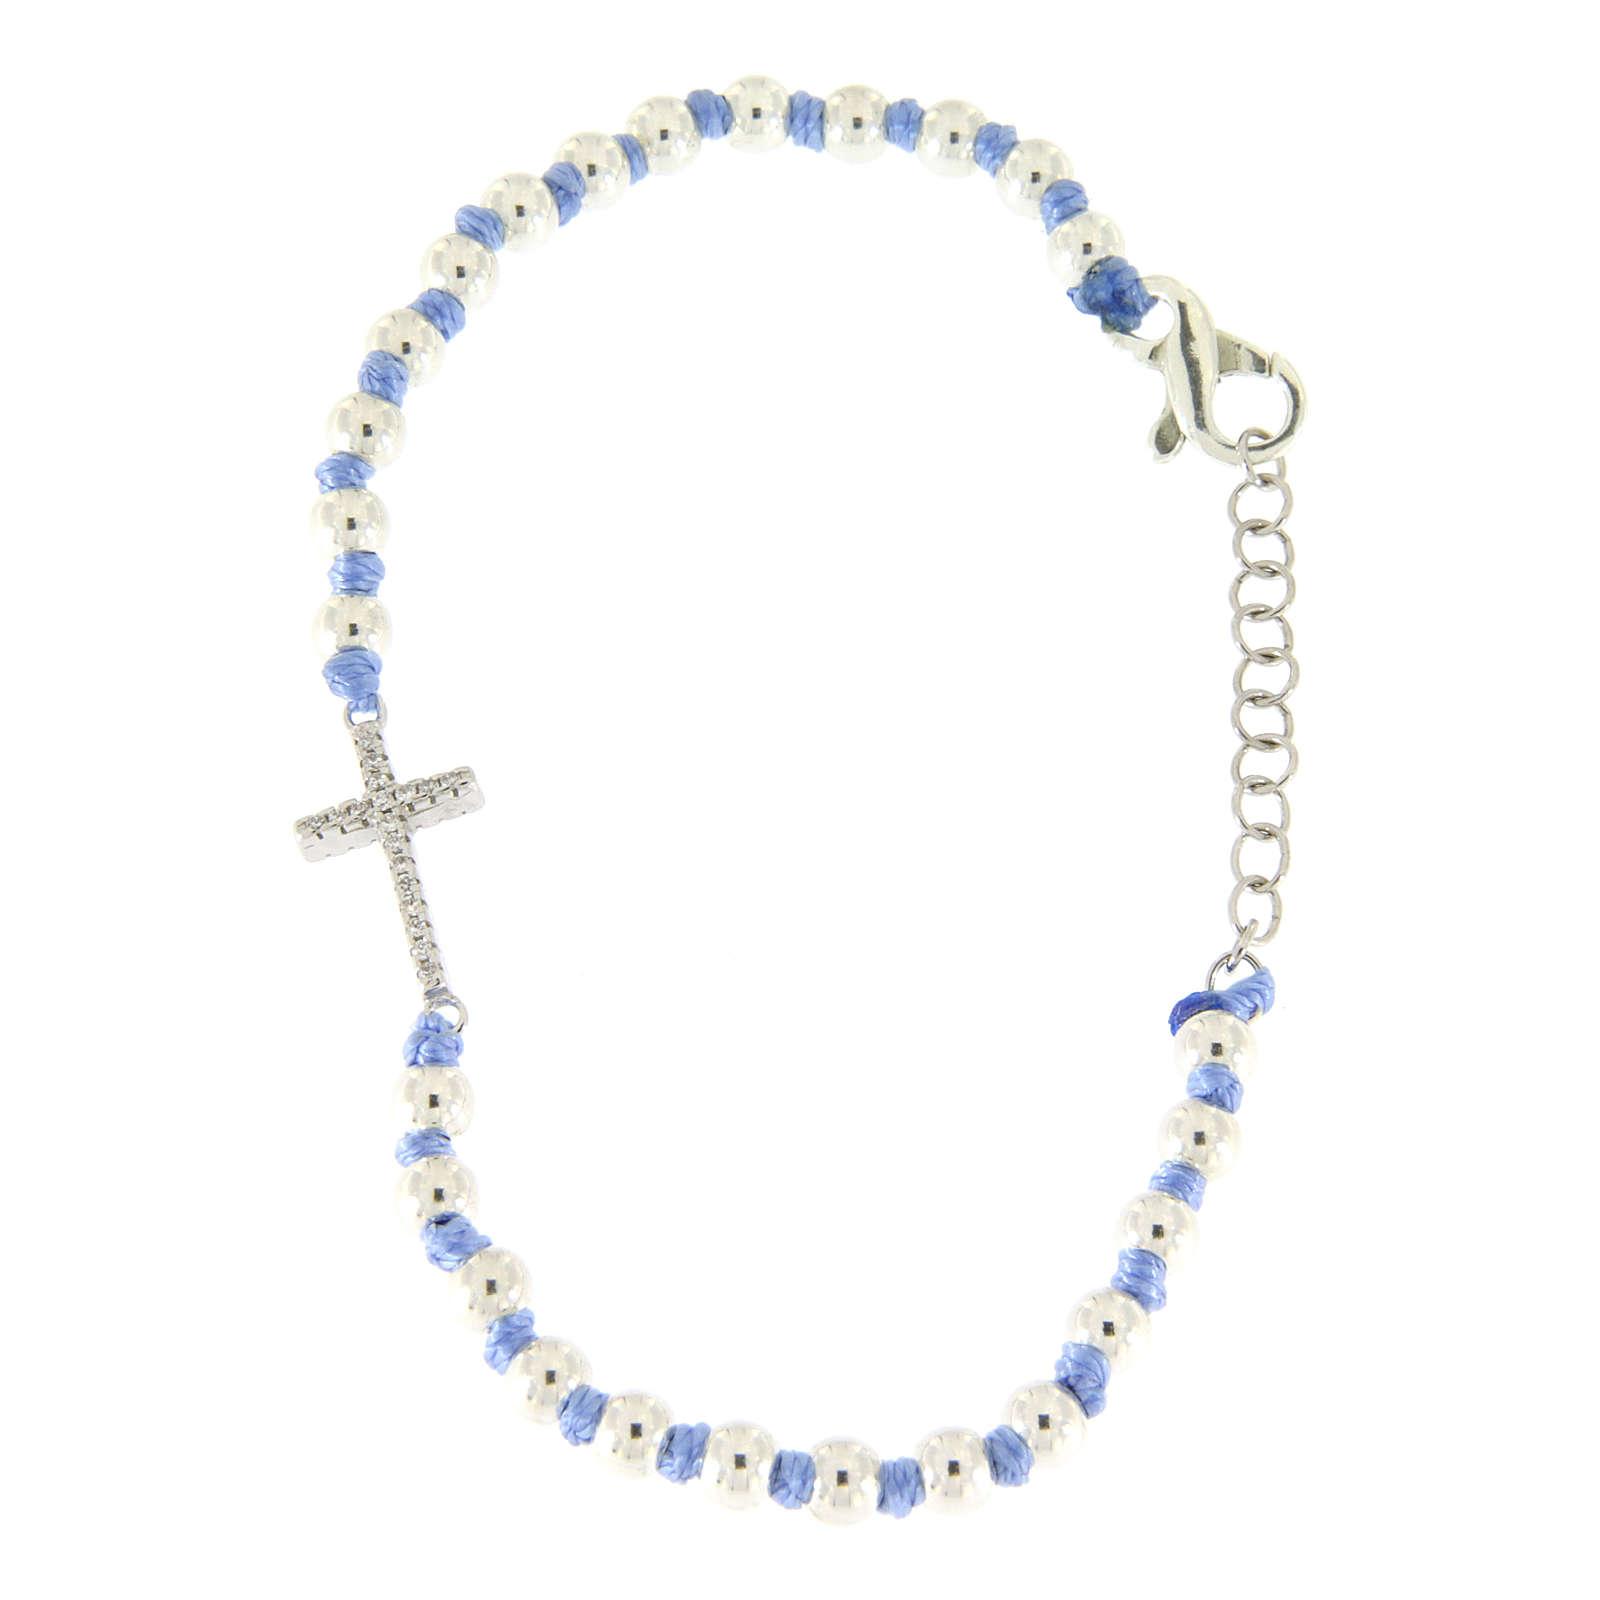 Bracciale con cordina e nodi azzurra con sfere 3 mm e croce argento, zirconata bianca 4